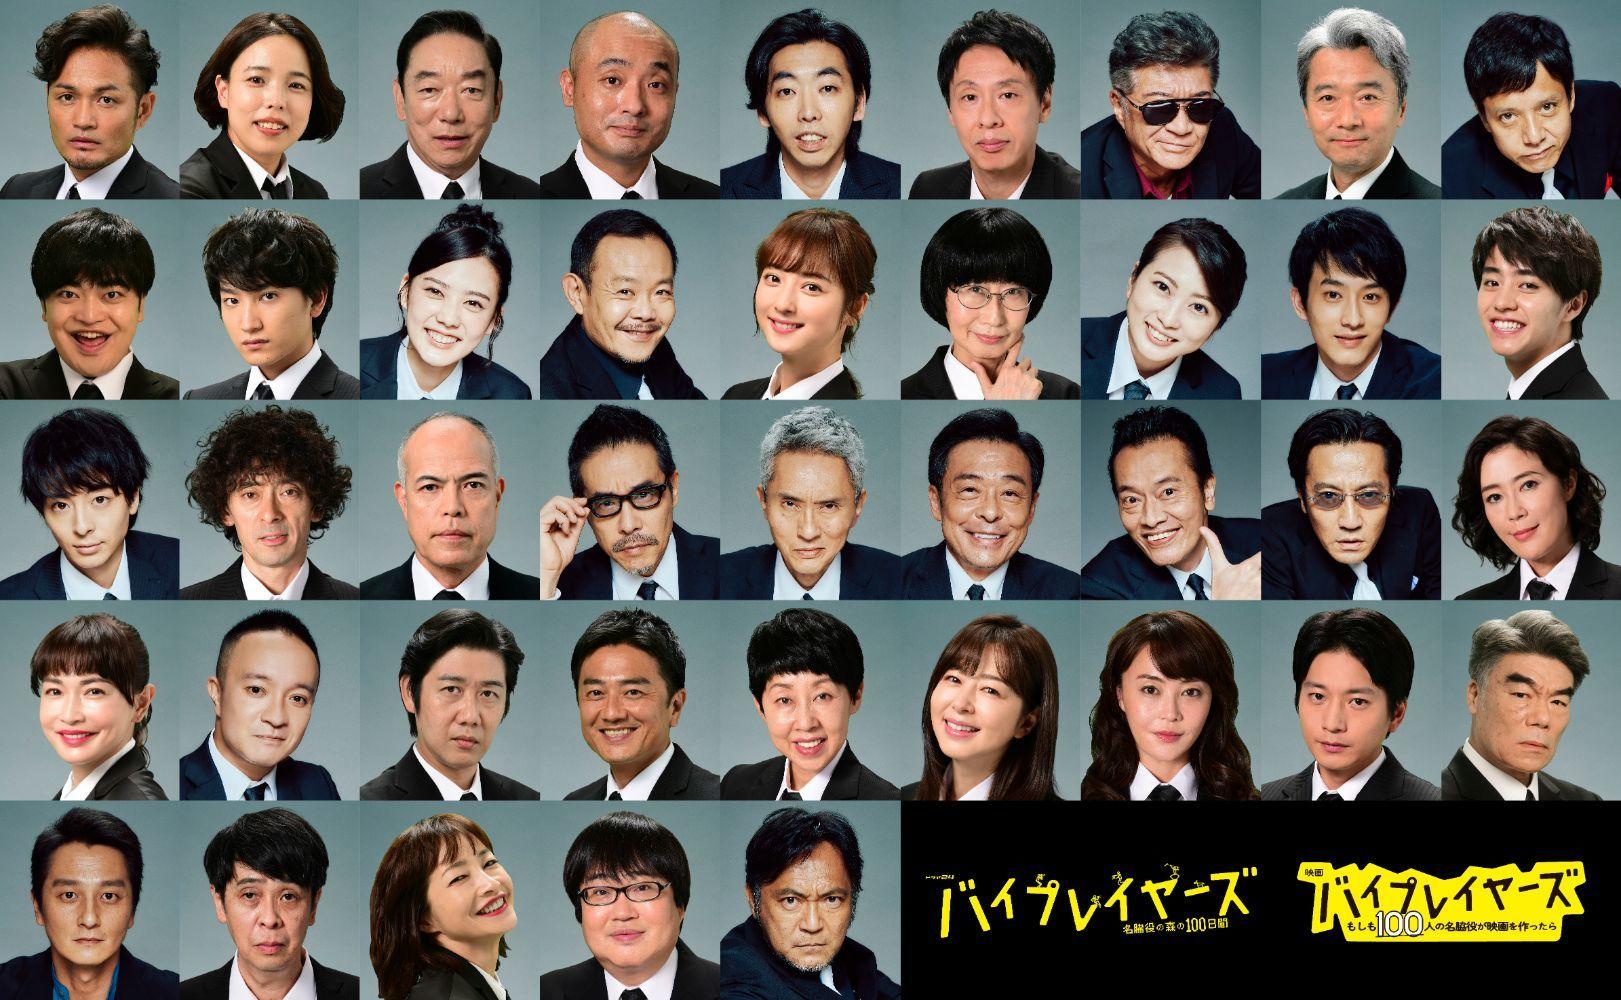 (C)「バイプレイヤーズ2021」製作委員会(C)2021「映画 バイプレイヤーズ」製作委員会